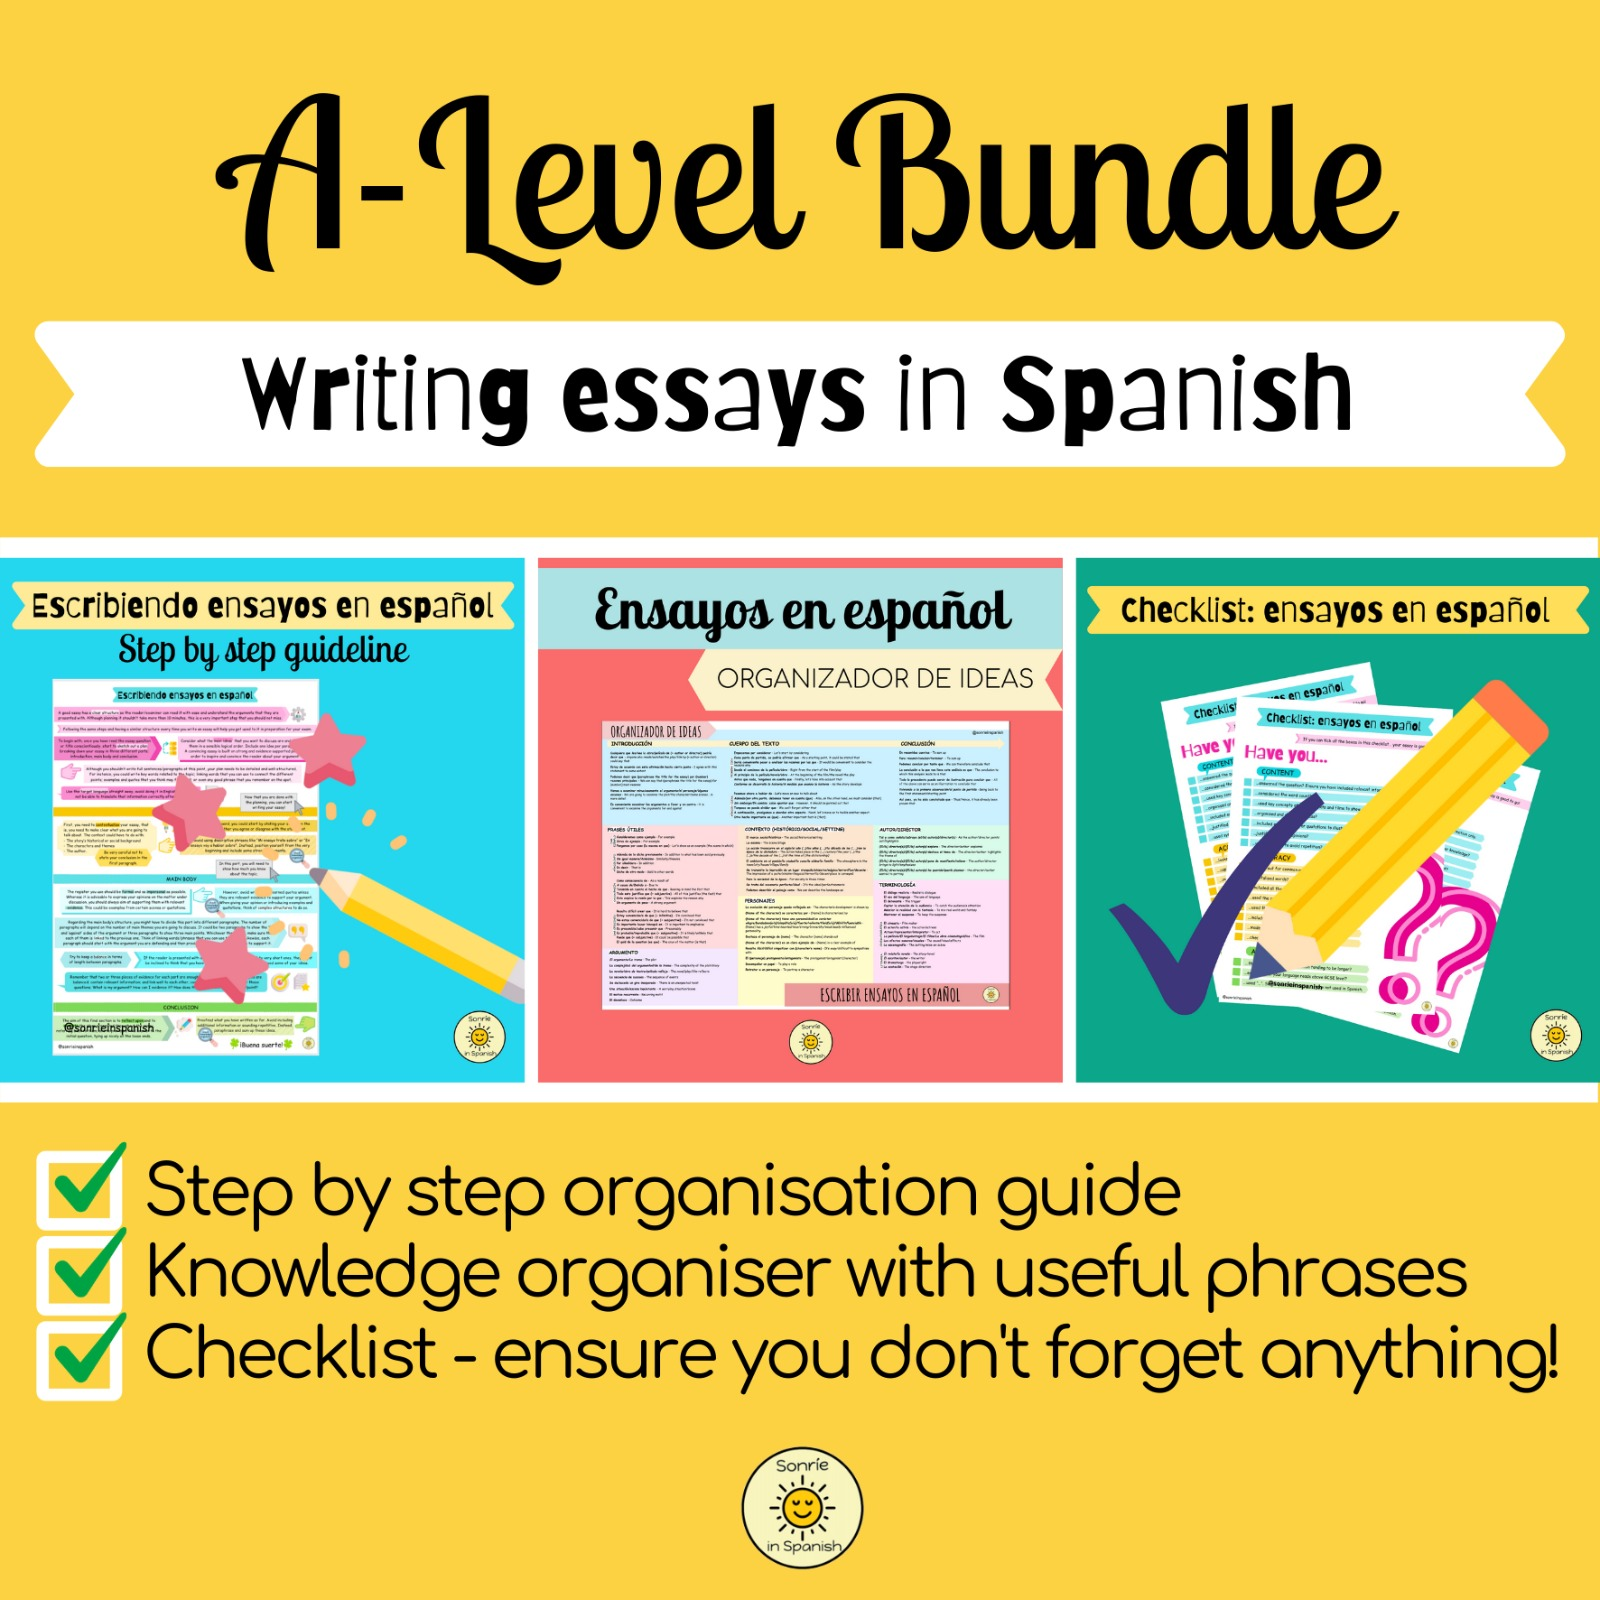 Bundle Spanish A Level essay writing: Knowledge organiser, guidelines & checklist. Para para escribir ensayos en español: organizador de ideas, pautas y checklist